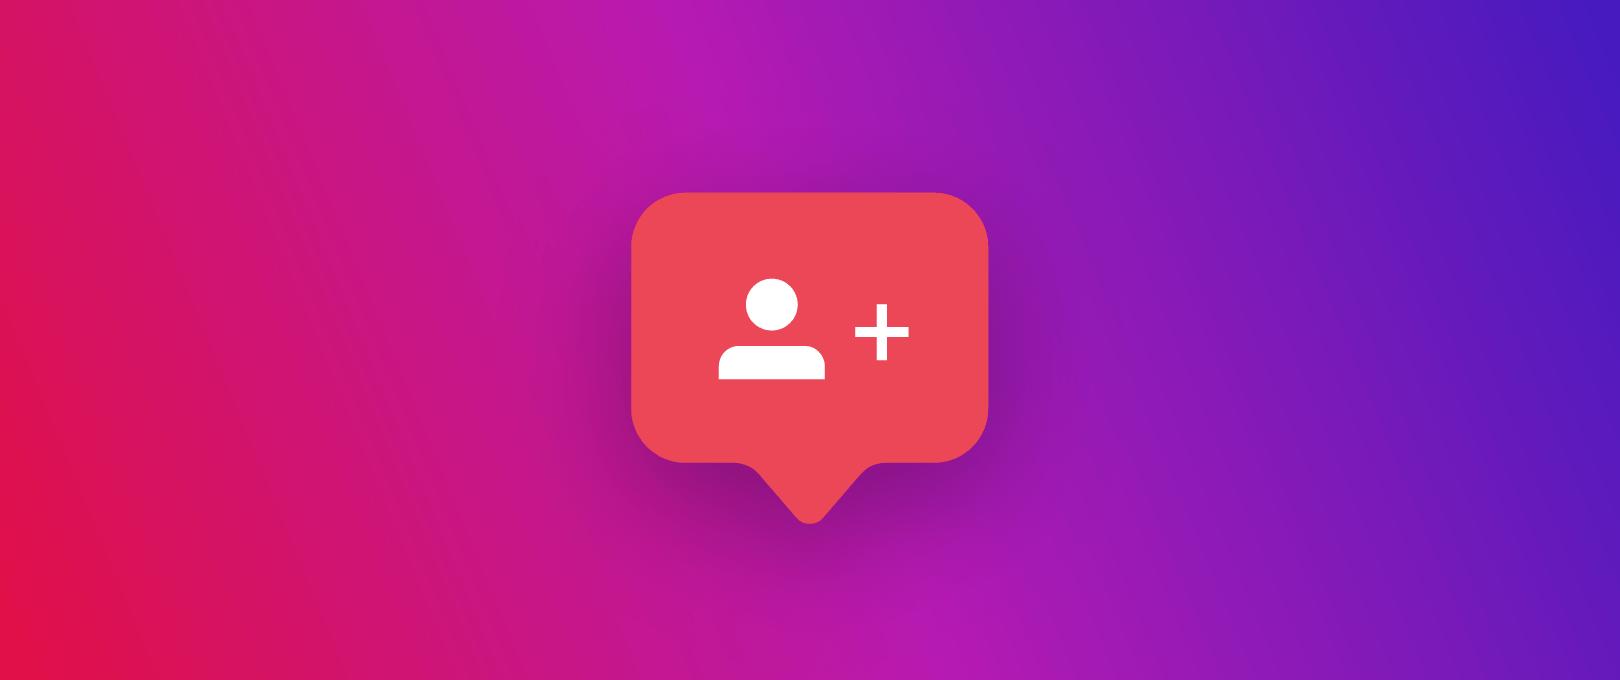 instagram 1 miliardo di utenti attivi